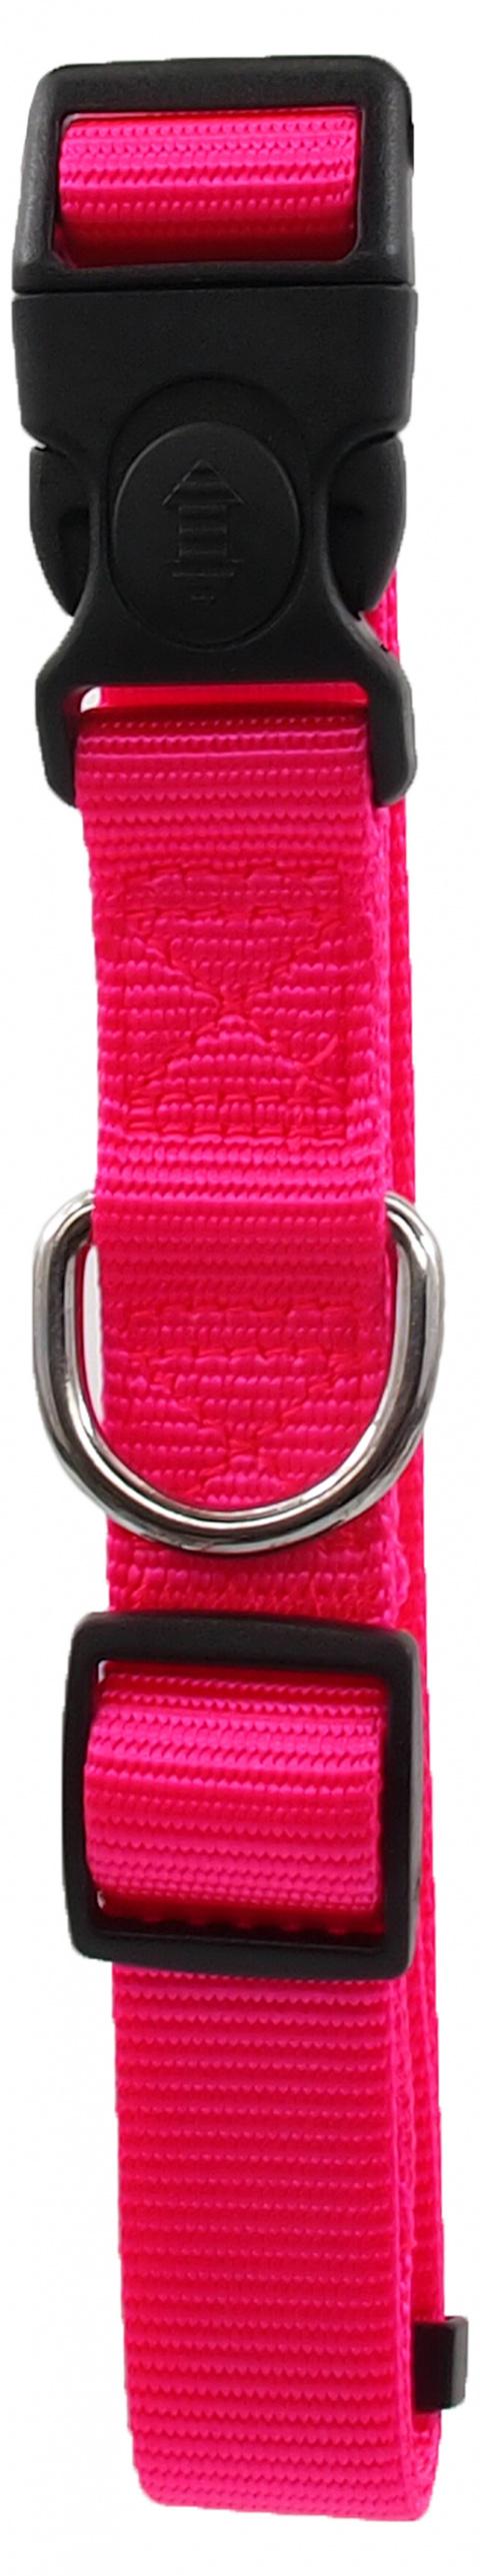 Ошейник - Dog Fantasy Classic Неилон L, 2.5cm, 45-68cm, цвет - розовый title=